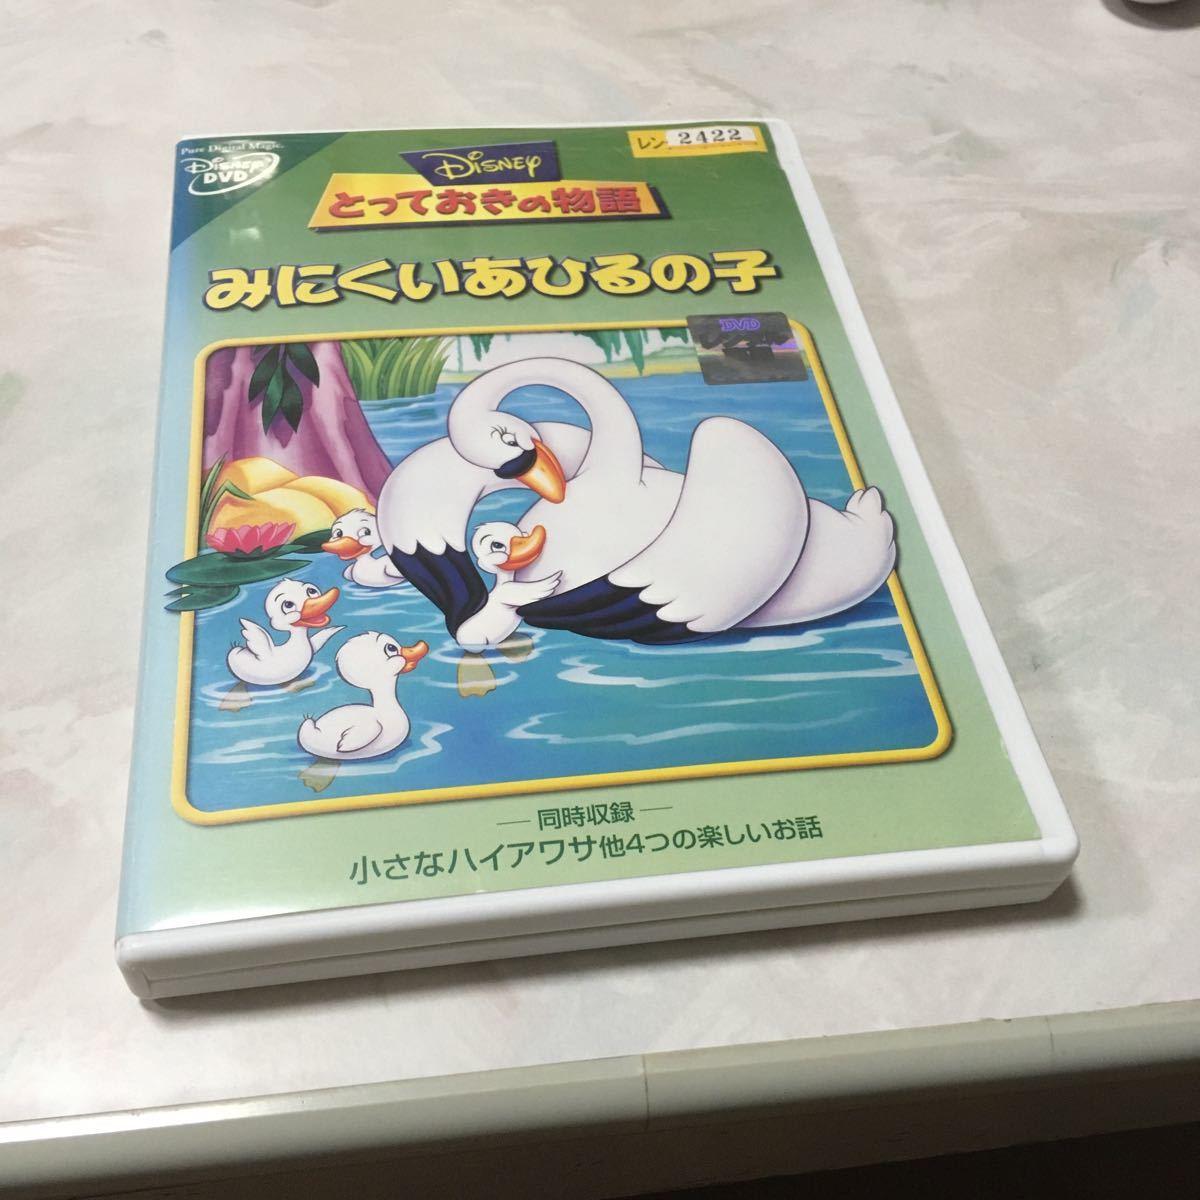 とっておきの物語 みにくいあひるの子 レンタル落ち 中古 DVD  ディズニー